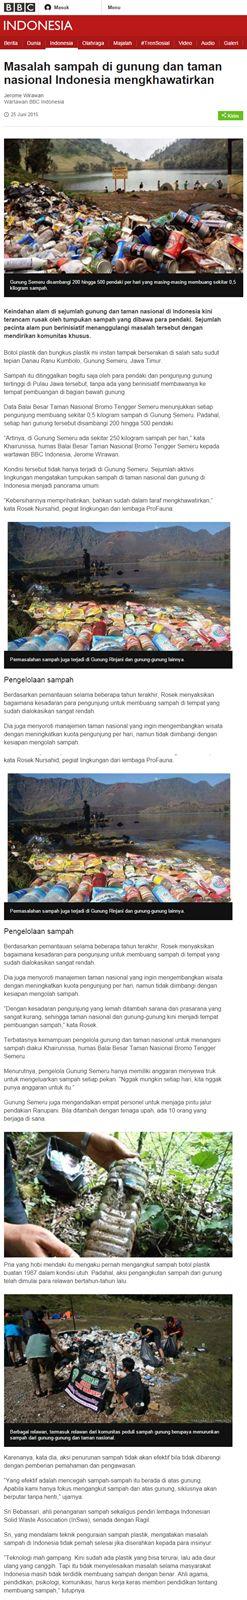 Bank Sampah Melati Bersih: Sampah Merambah Gunung dan Taman Nasional Indonesi...